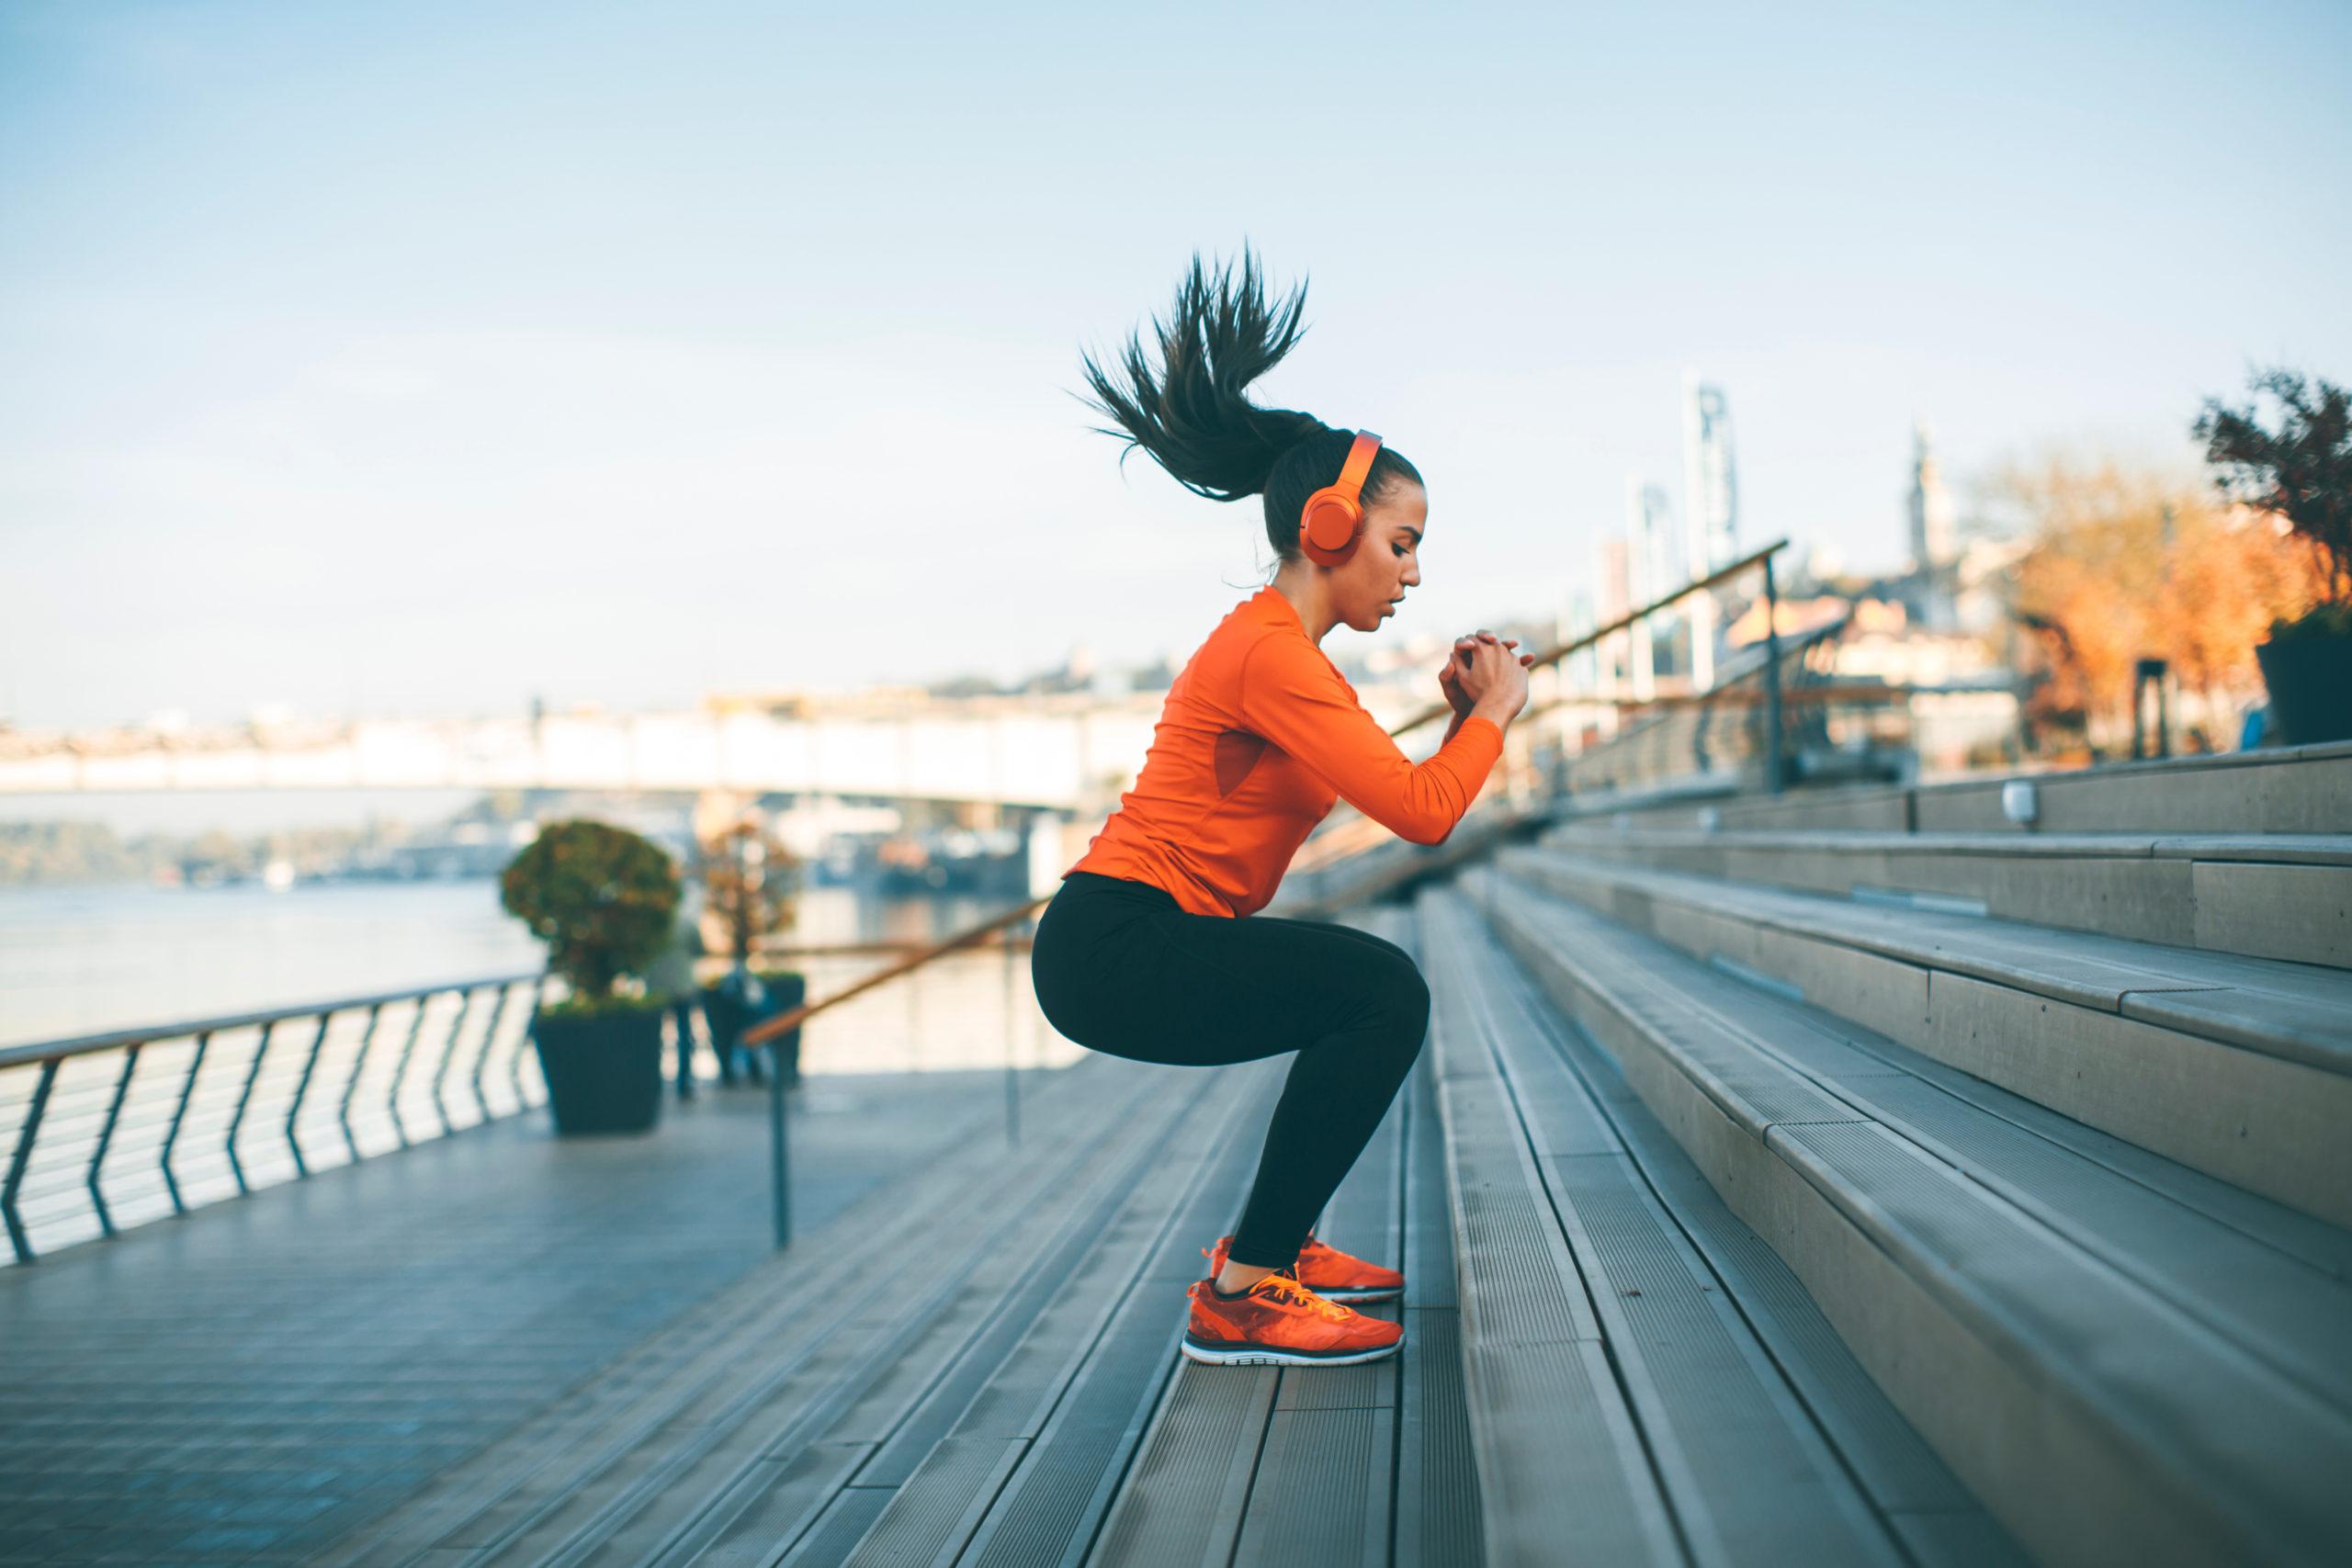 fitnessbet-woman-jump-outdoor